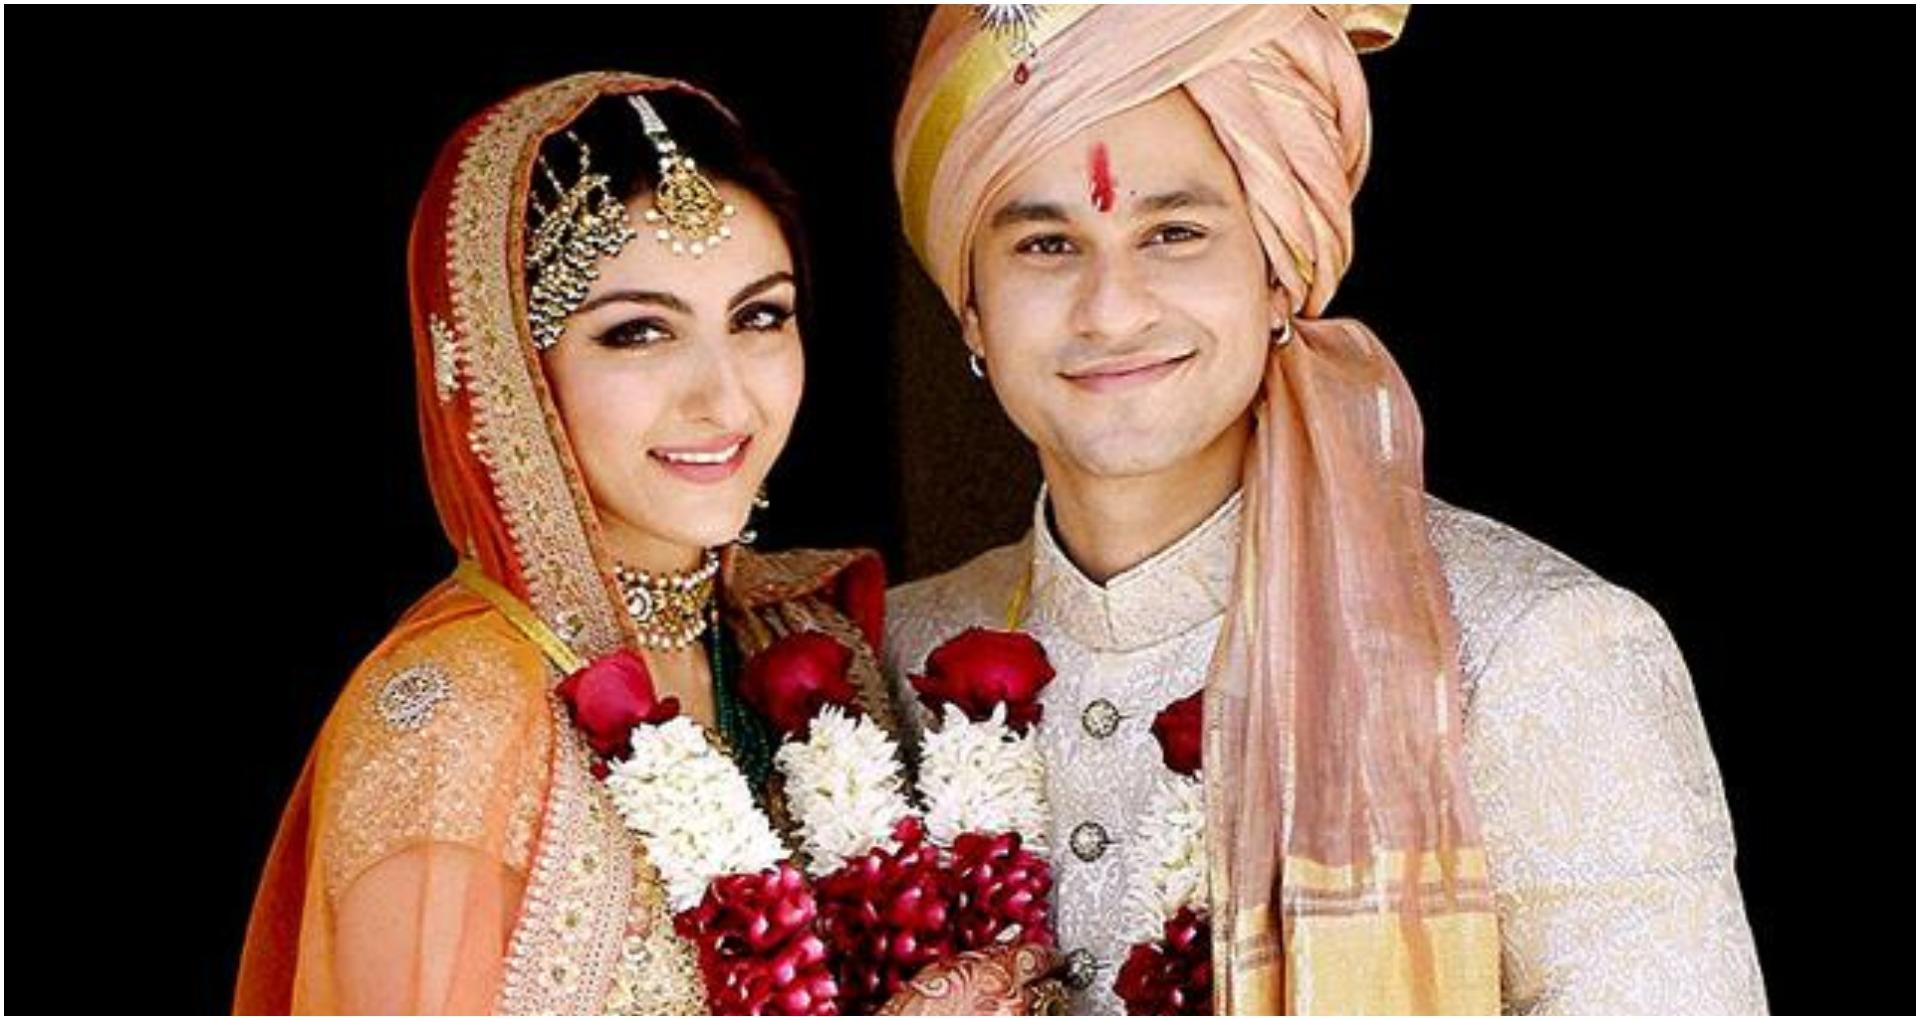 Soha Ali Khan And Kunal Kemmu Celebrate Fifth Anniversary Shares Adorable Wedding Video - Soha and Kunal Wedding Video: सोहा और कुणाल ने शेयर किया मेहंदी से शादी तक का सफर अपने